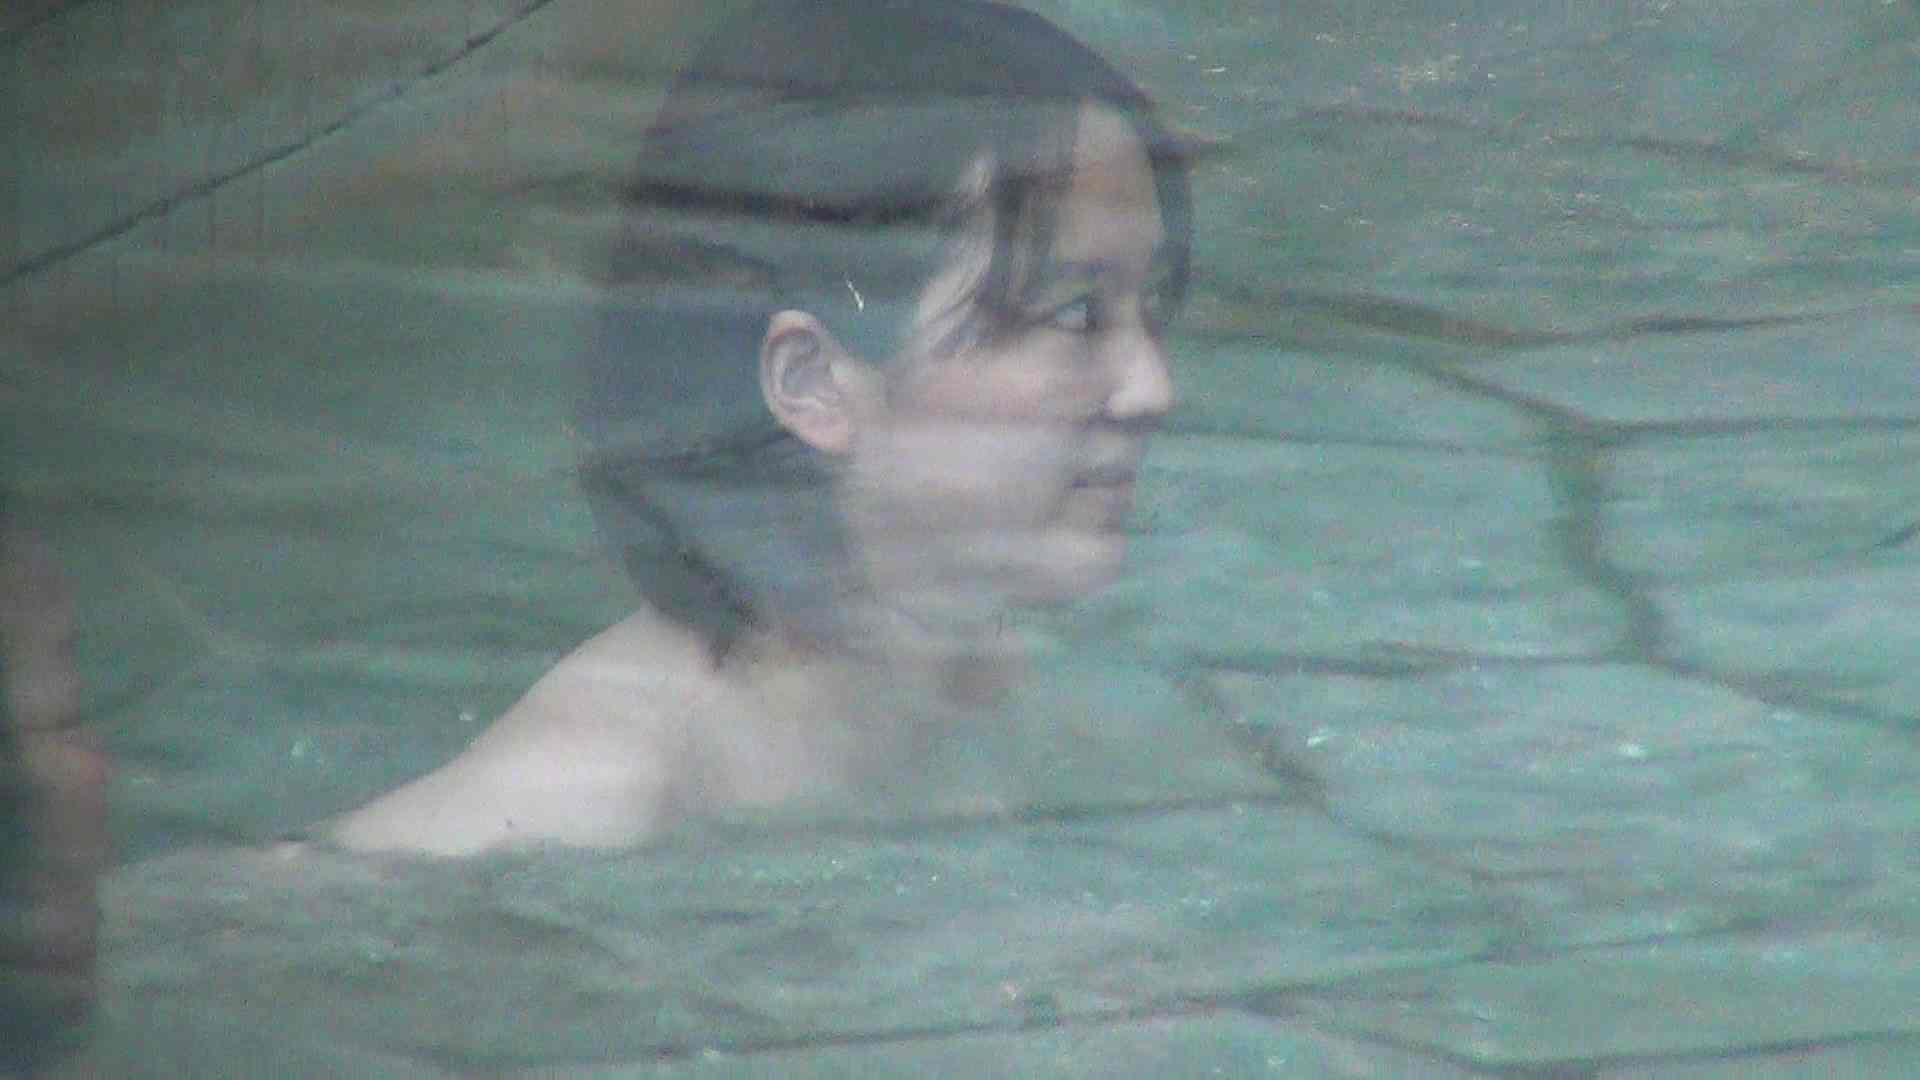 Aquaな露天風呂Vol.297 女体盗撮  91連発 84